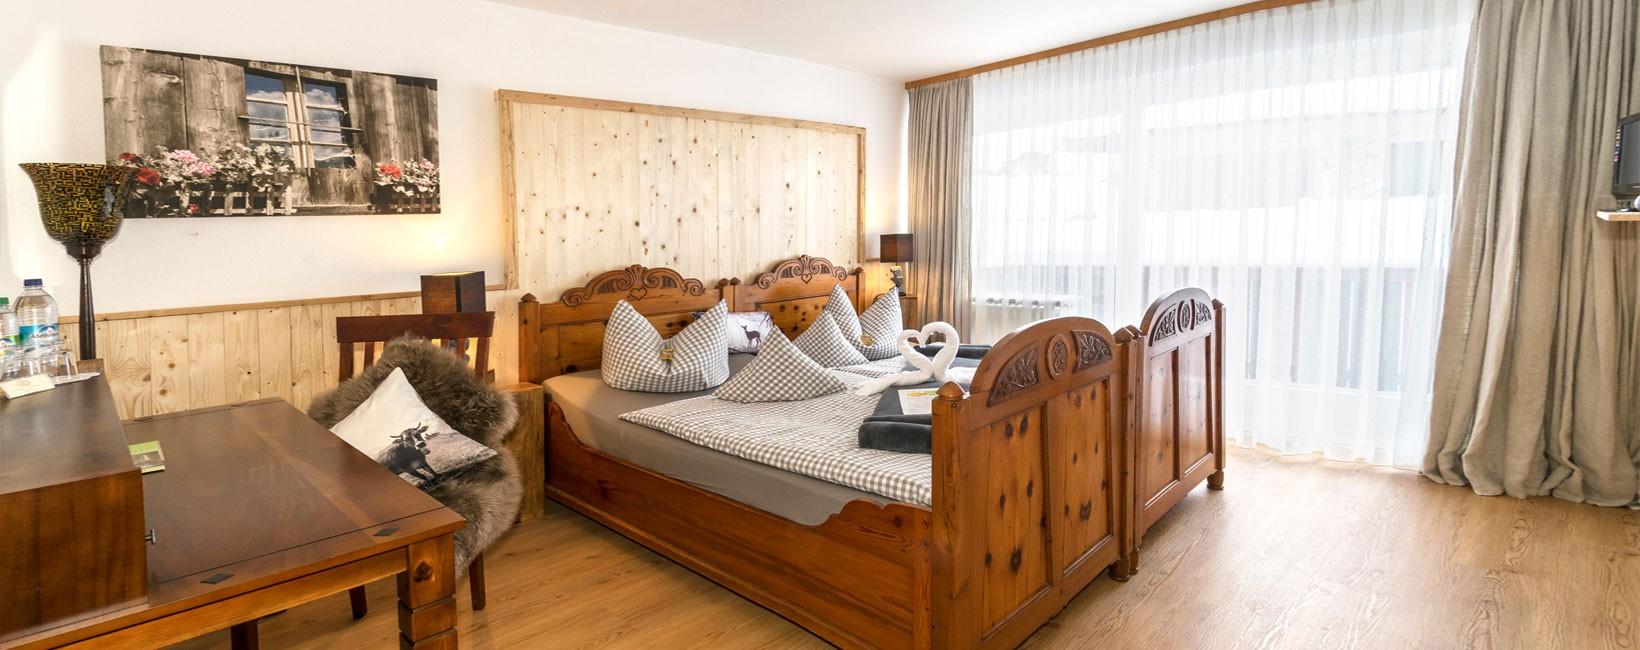 Hotel-Pension Grünsteinblick im Winter